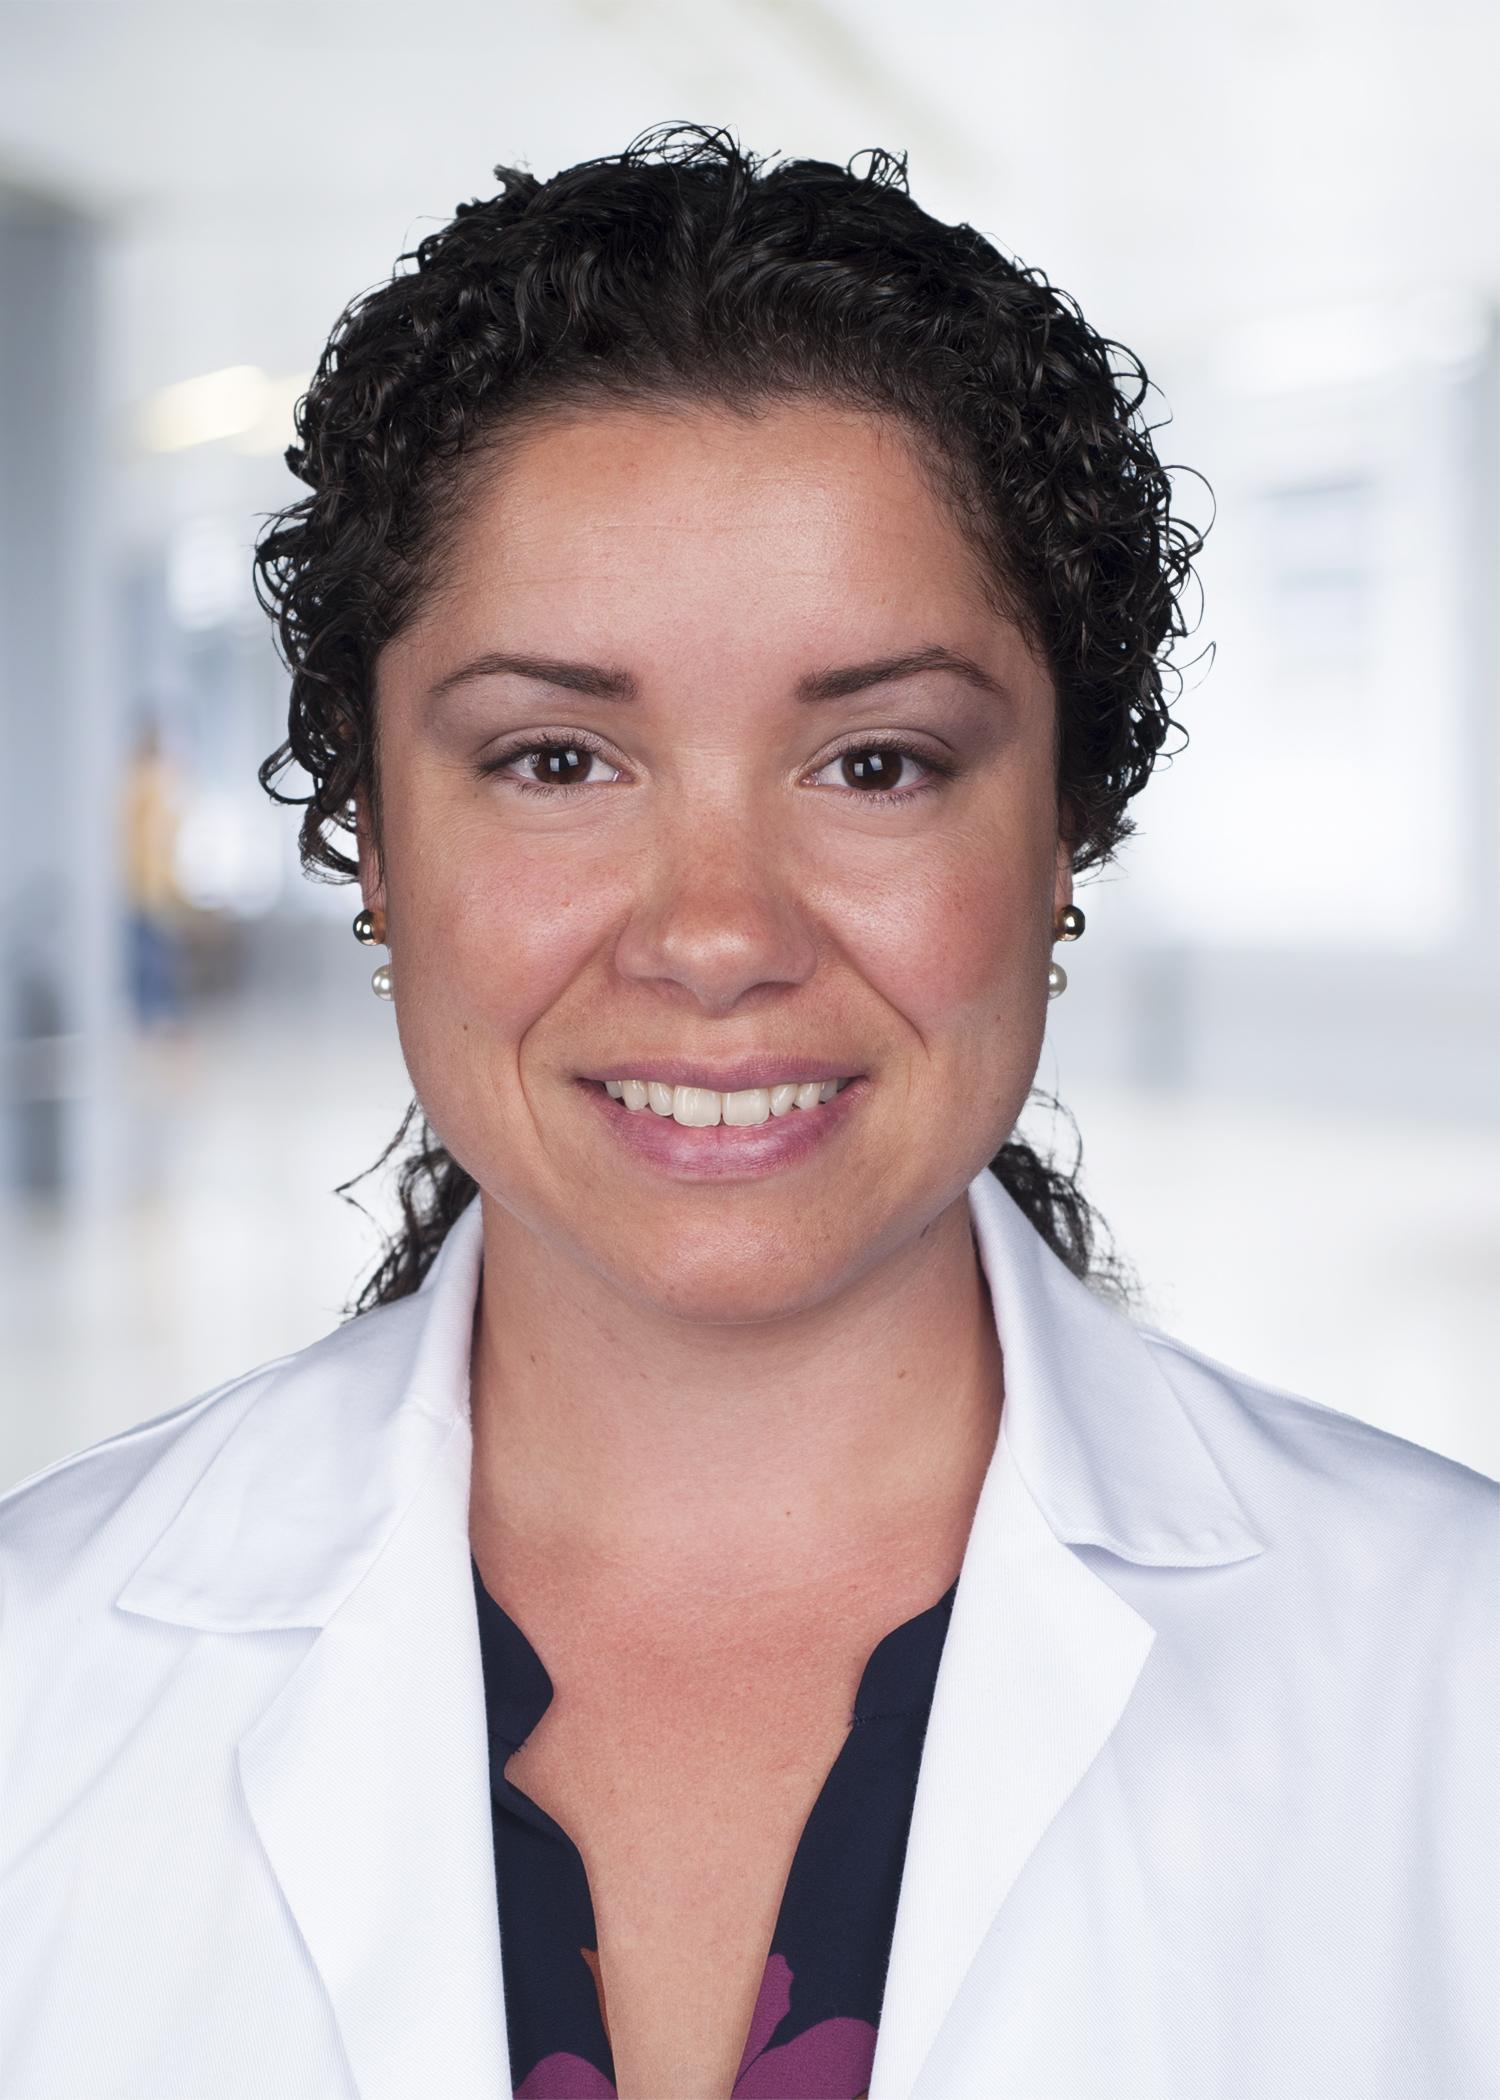 Maureen Alvarado Ut Health San Antonio